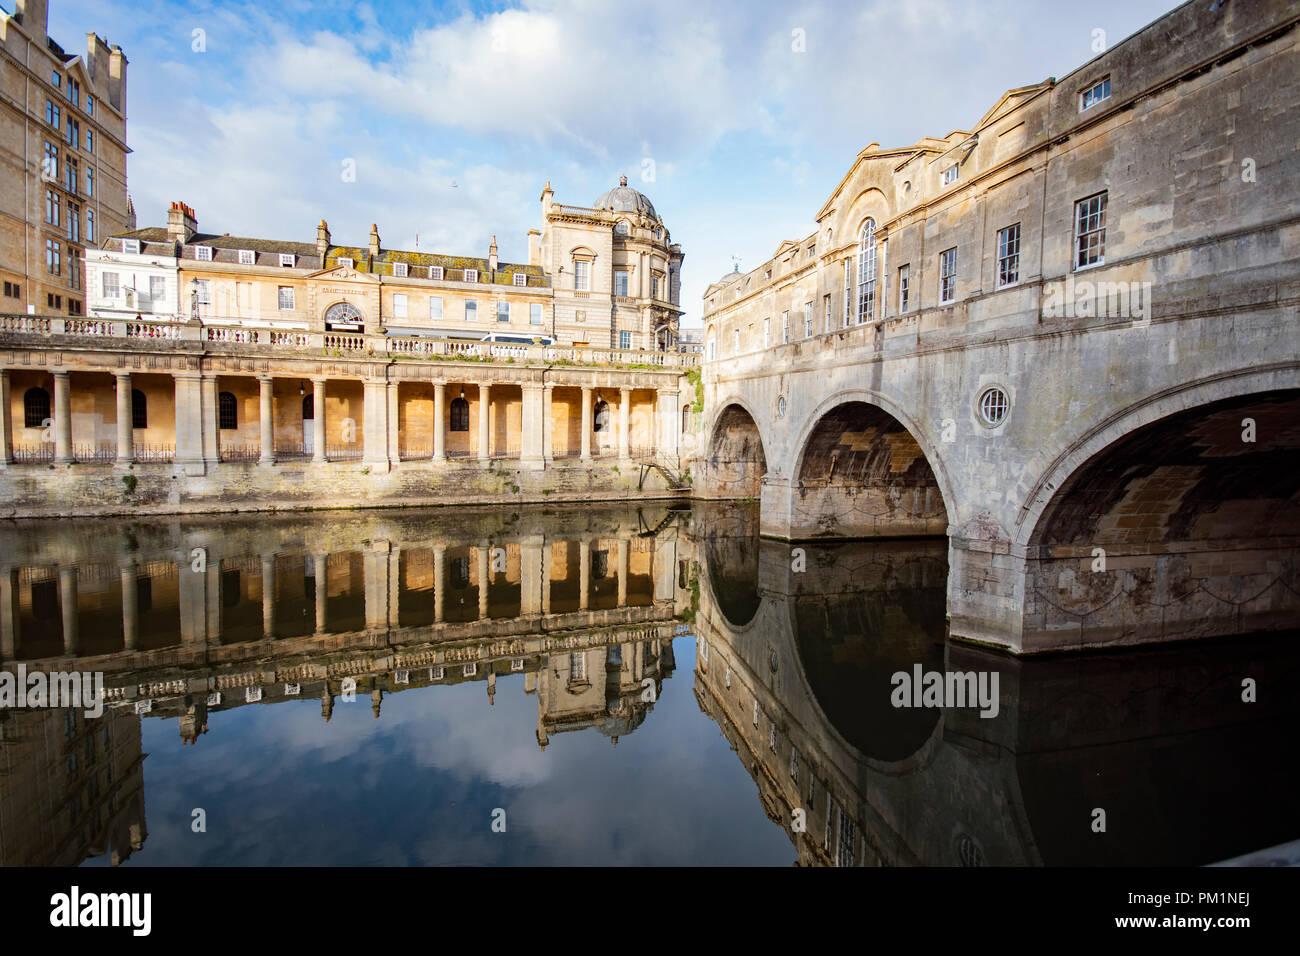 Viste di Pultney Bridge in bagno, su una bella giornata con evidenti riflessi nell'acqua Immagini Stock